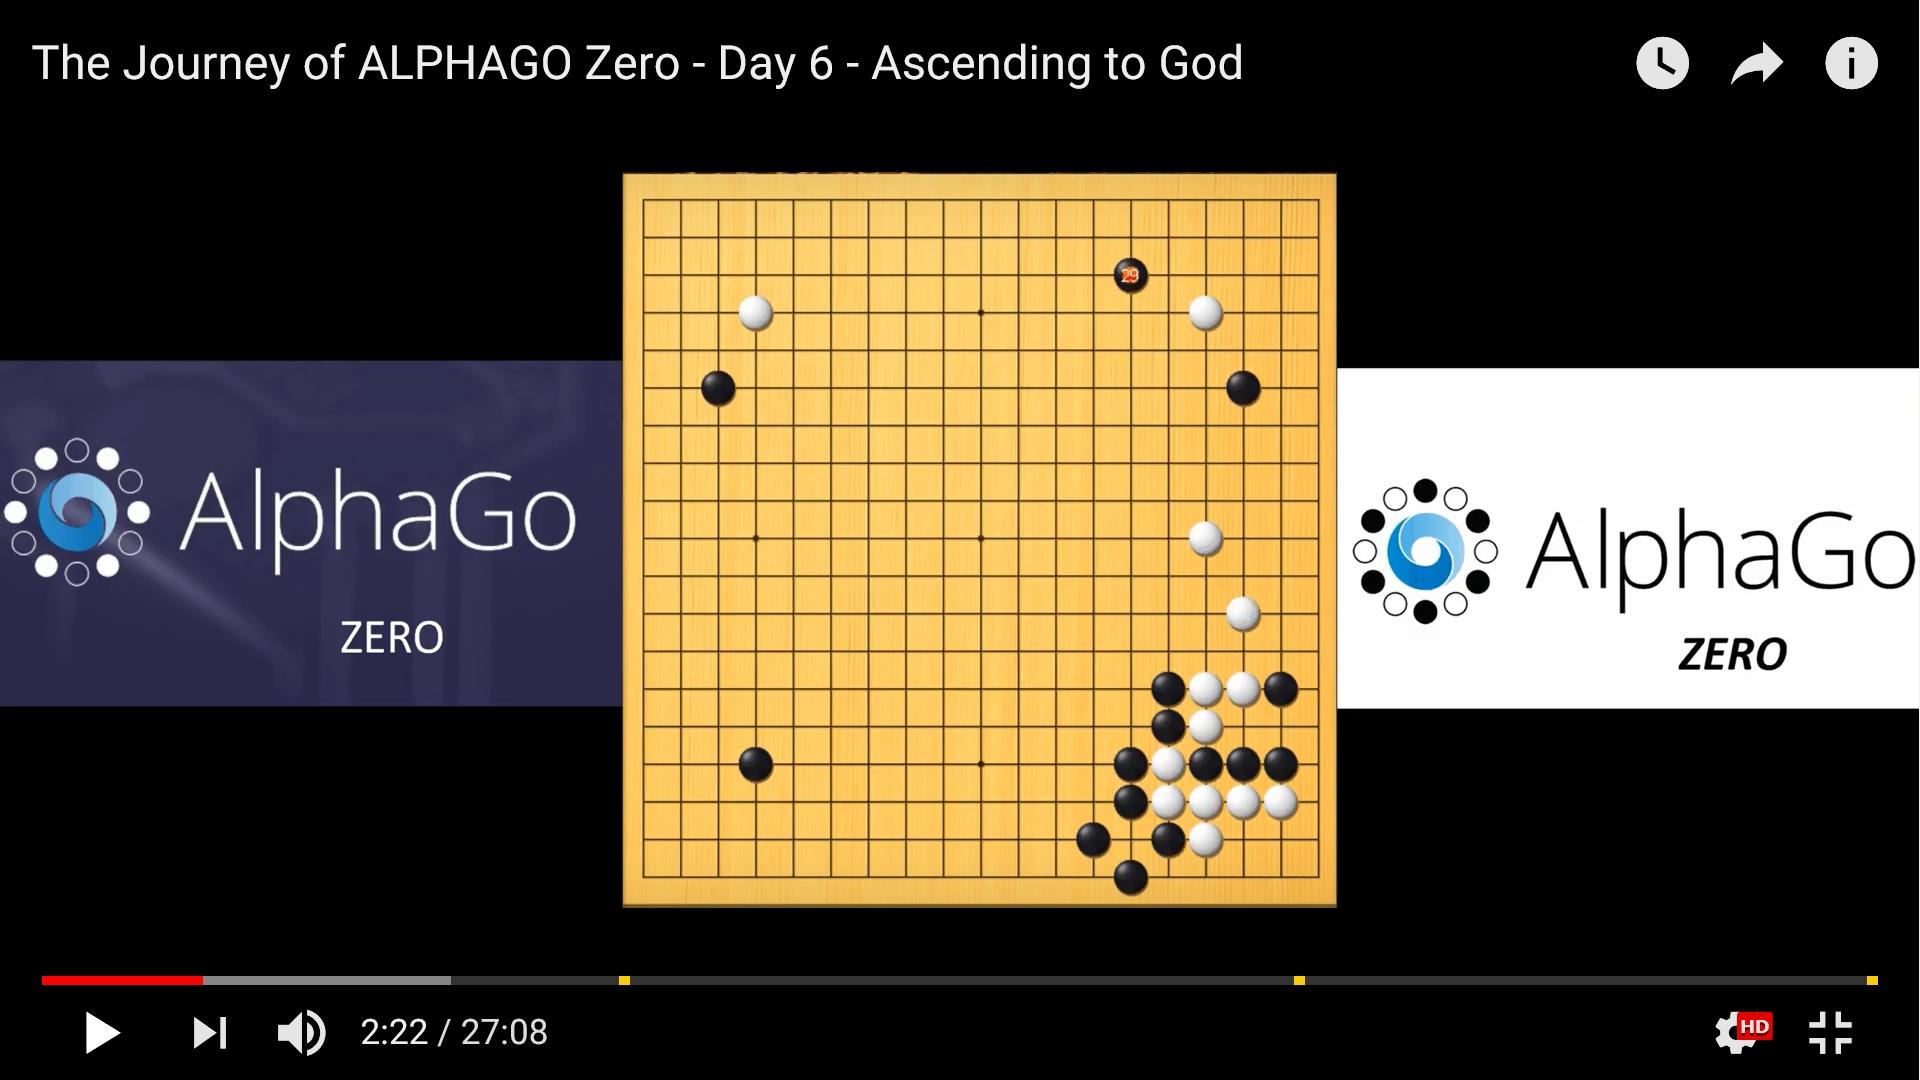 AlphaGo ZERO 6